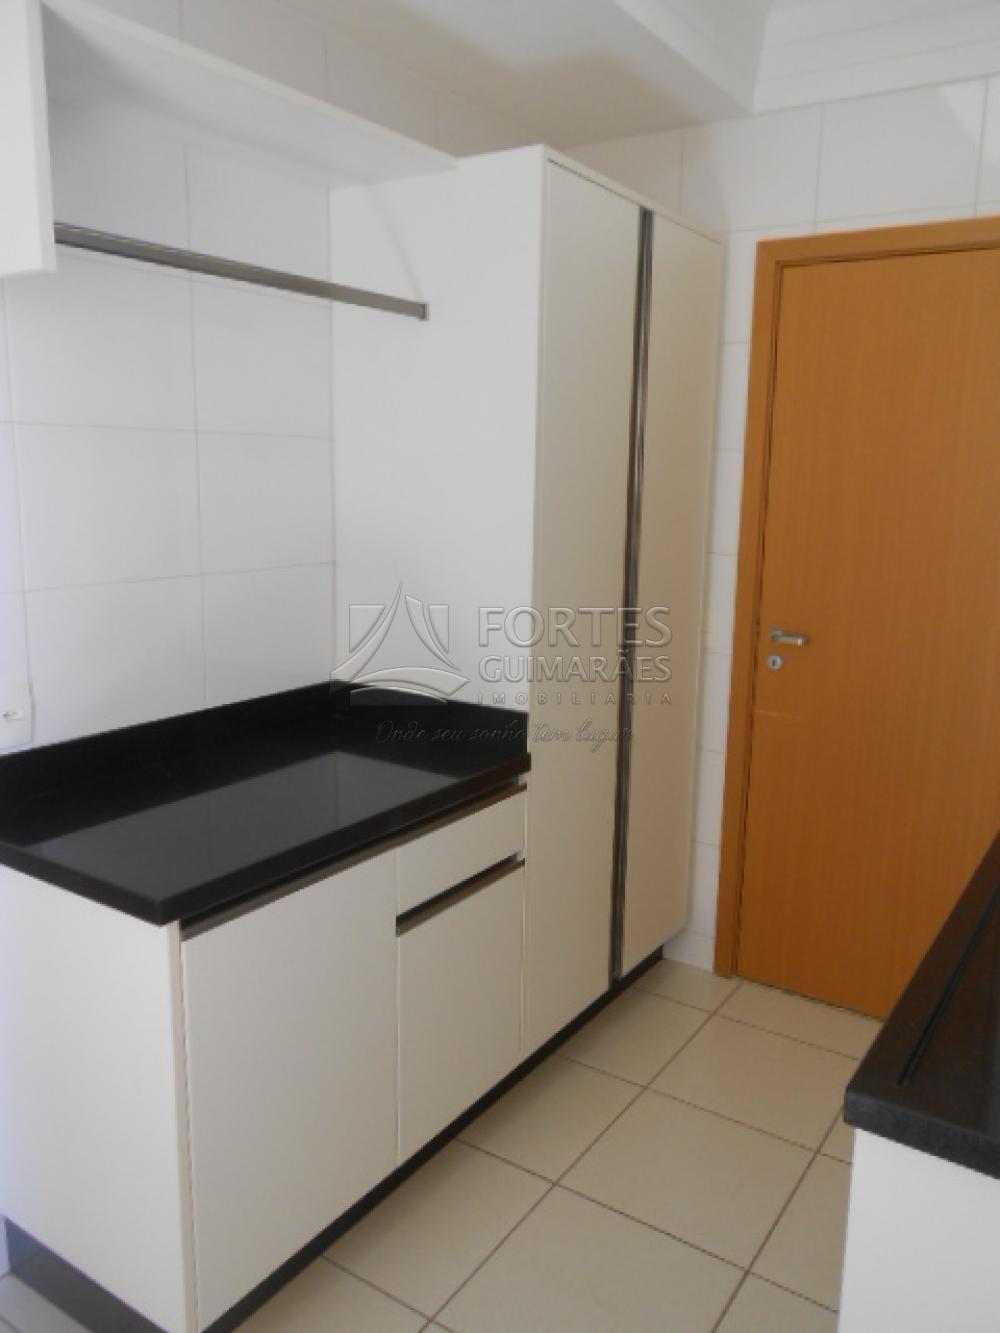 Alugar Apartamentos / Padrão em Ribeirão Preto apenas R$ 8.500,00 - Foto 60